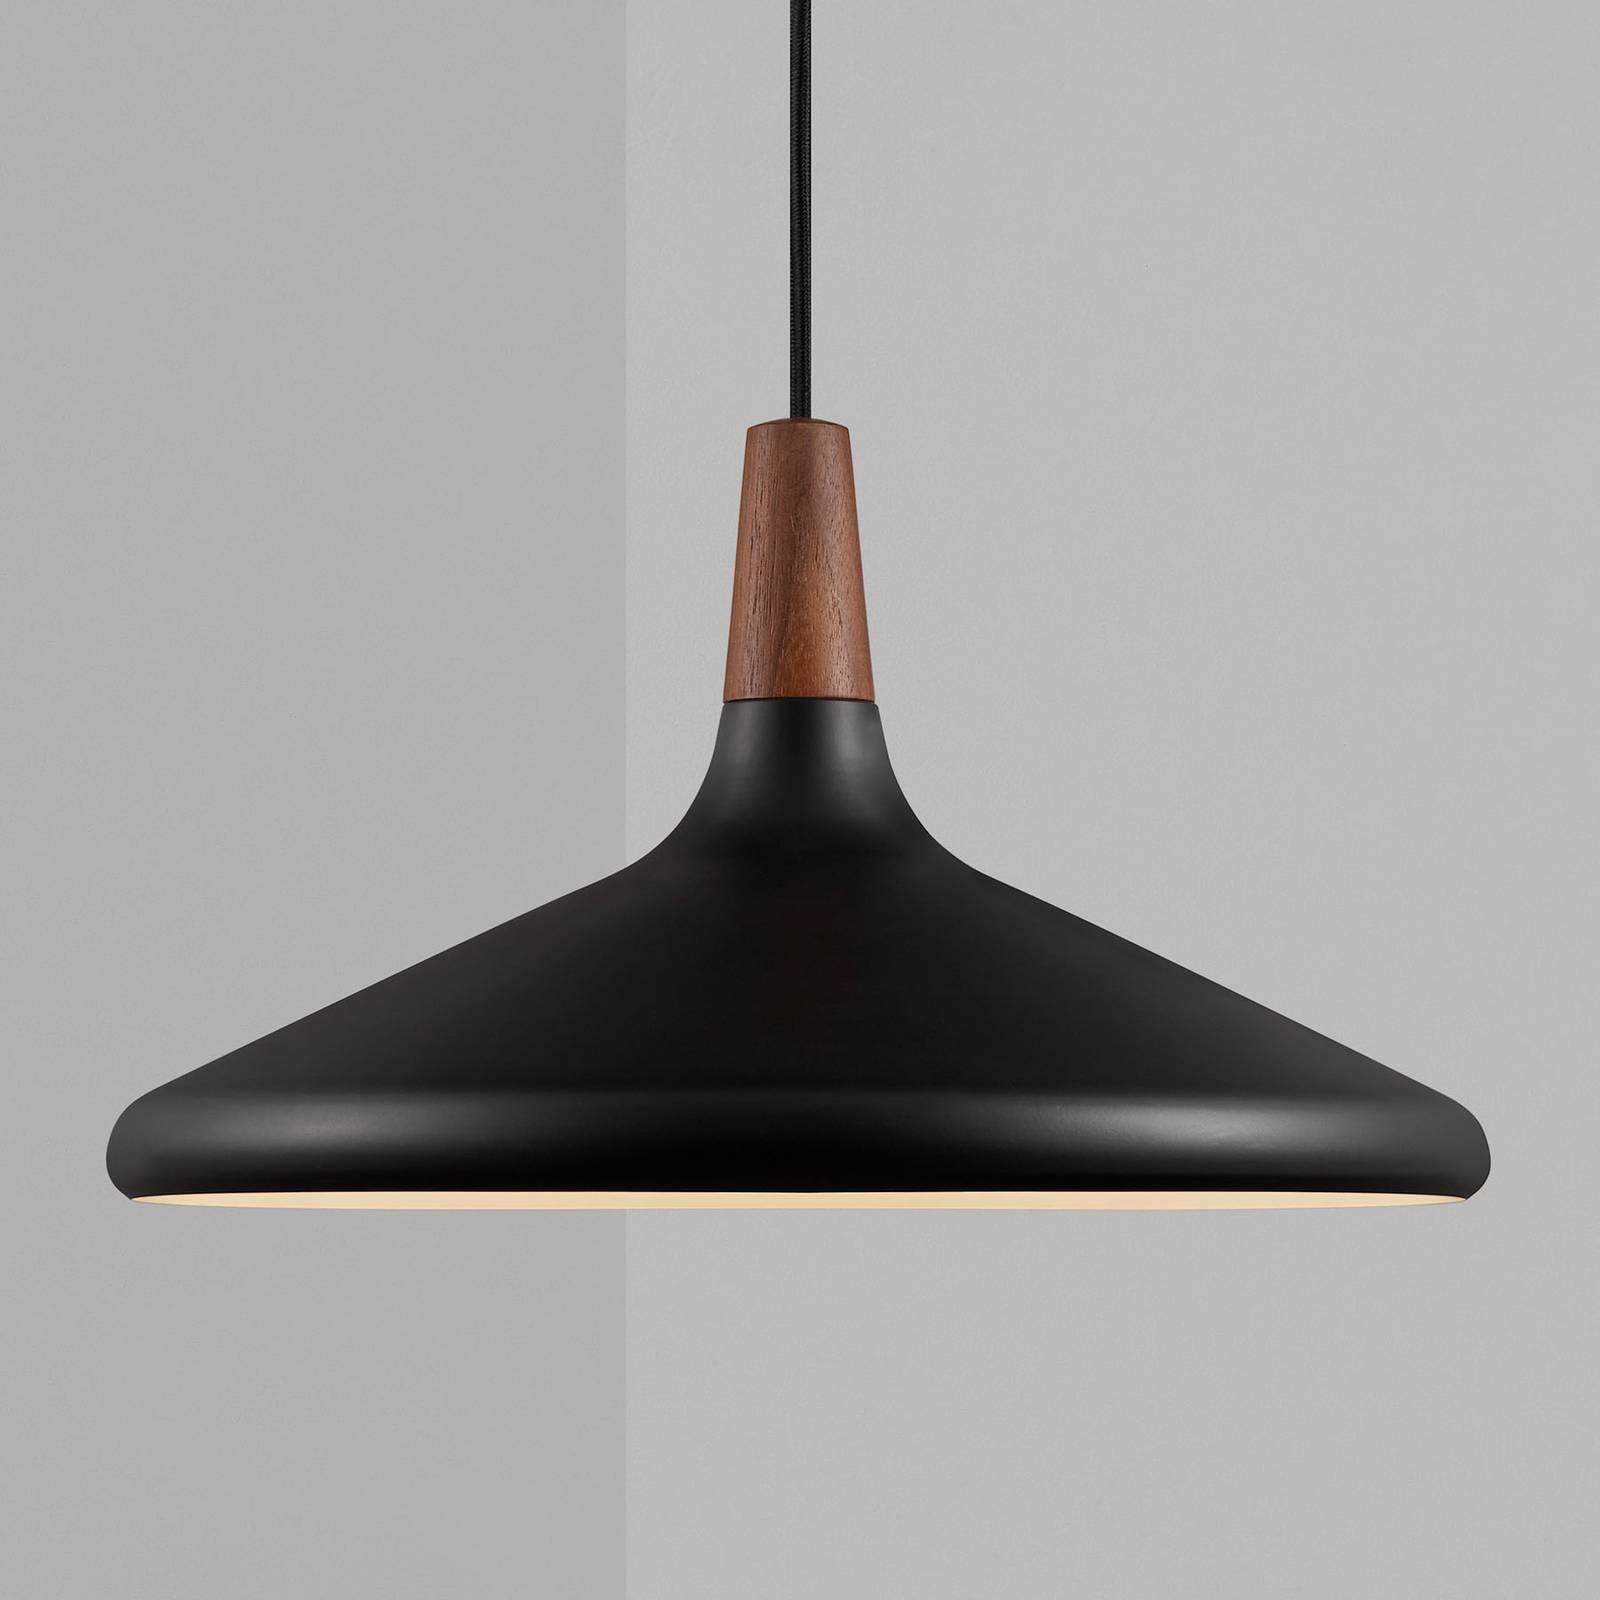 Hängeleuchte Nori Ø 39 cm, schwarz